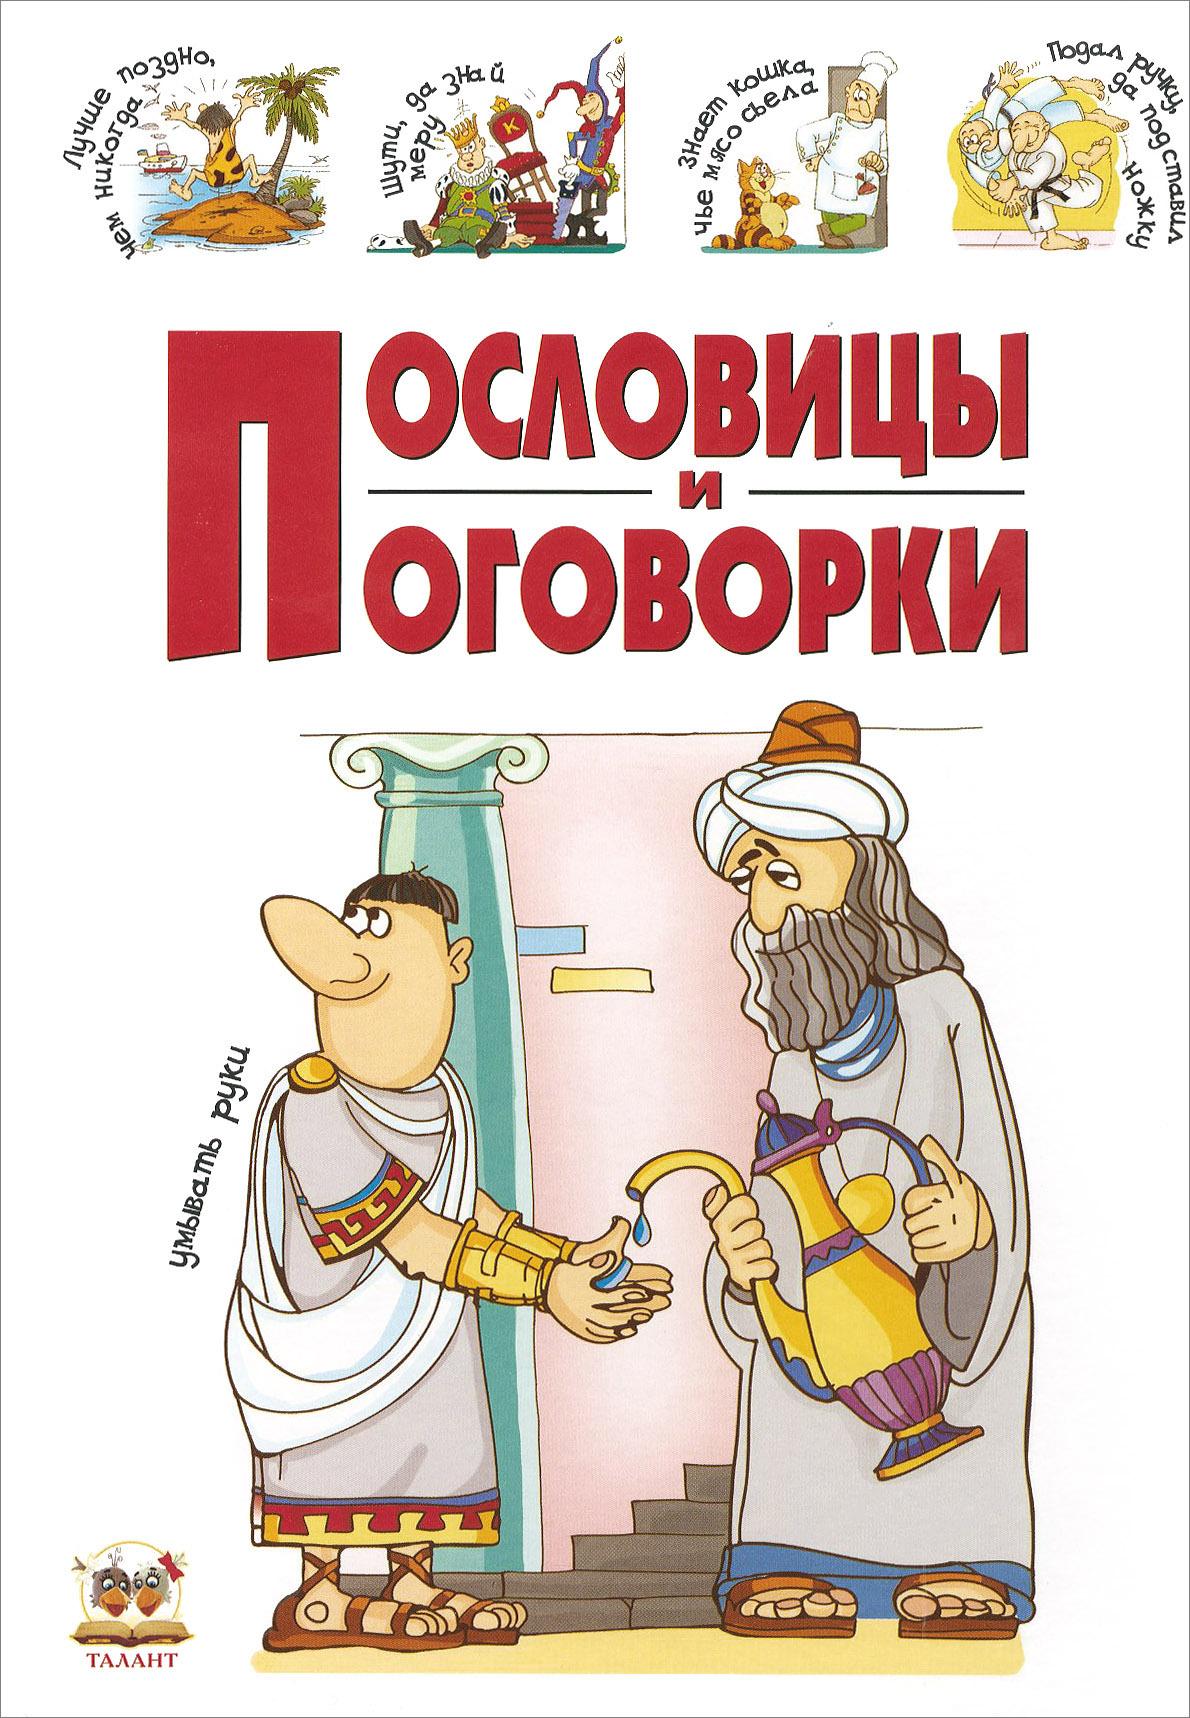 Пословицы и поговорки12296407Пословица недаром молвится. Приглашаем читателей насладиться неиссякаемым источником народной мудрости. Наша книга содержит более 320 пословиц, поговорок и близких по смыслу выражений, их толкование, а также соответствия на украинском языке; к тому же издание прекрасно иллюстрировано. Сборник будет верным помощником школьникам при изучении языка и литературы, поможет обогатить память, сделать речь образной и яркой.